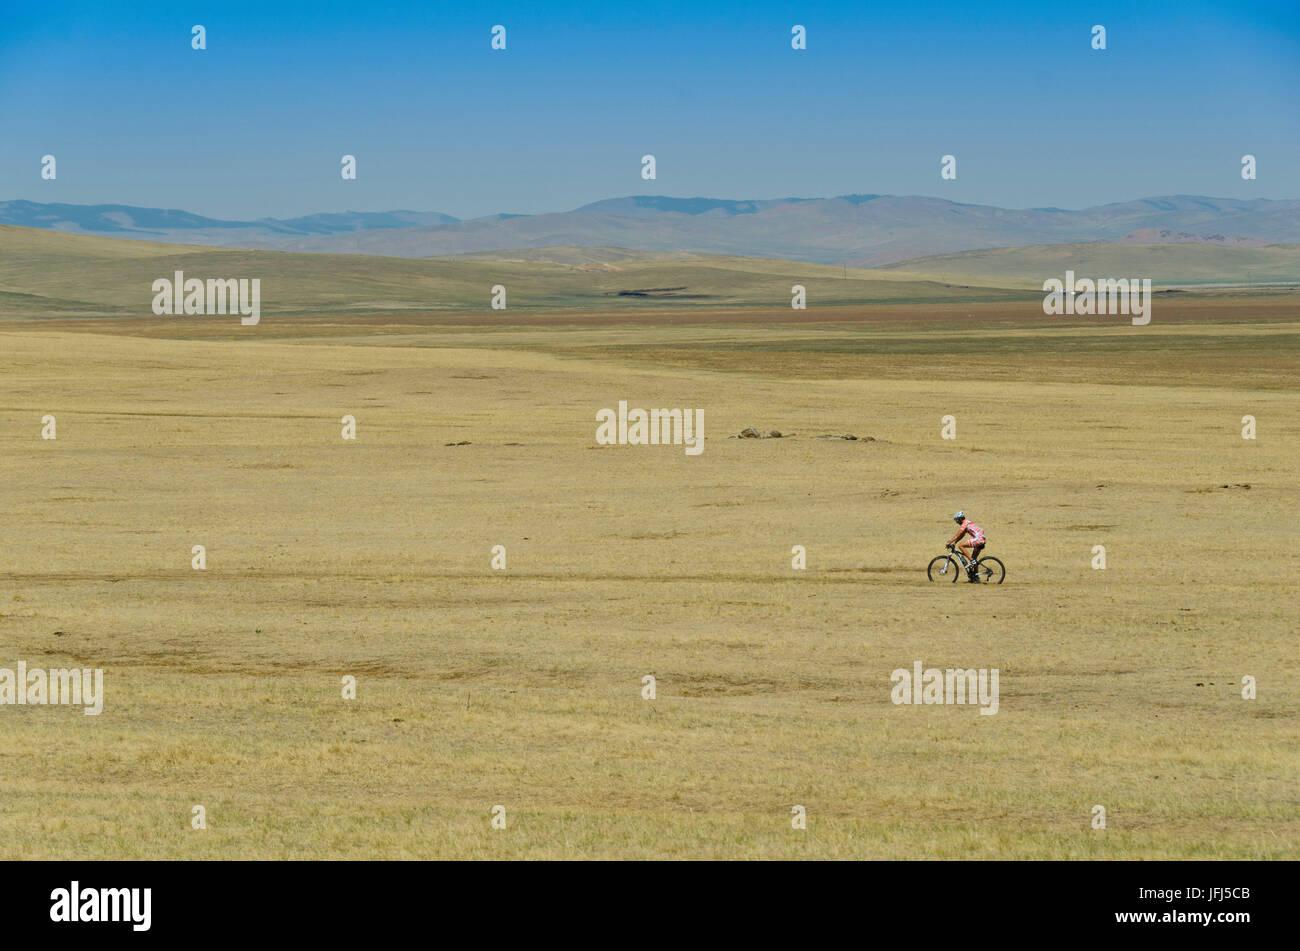 La Mongolie, l'Asie centrale, entre motards et Khotont Tsenkher Photo Stock